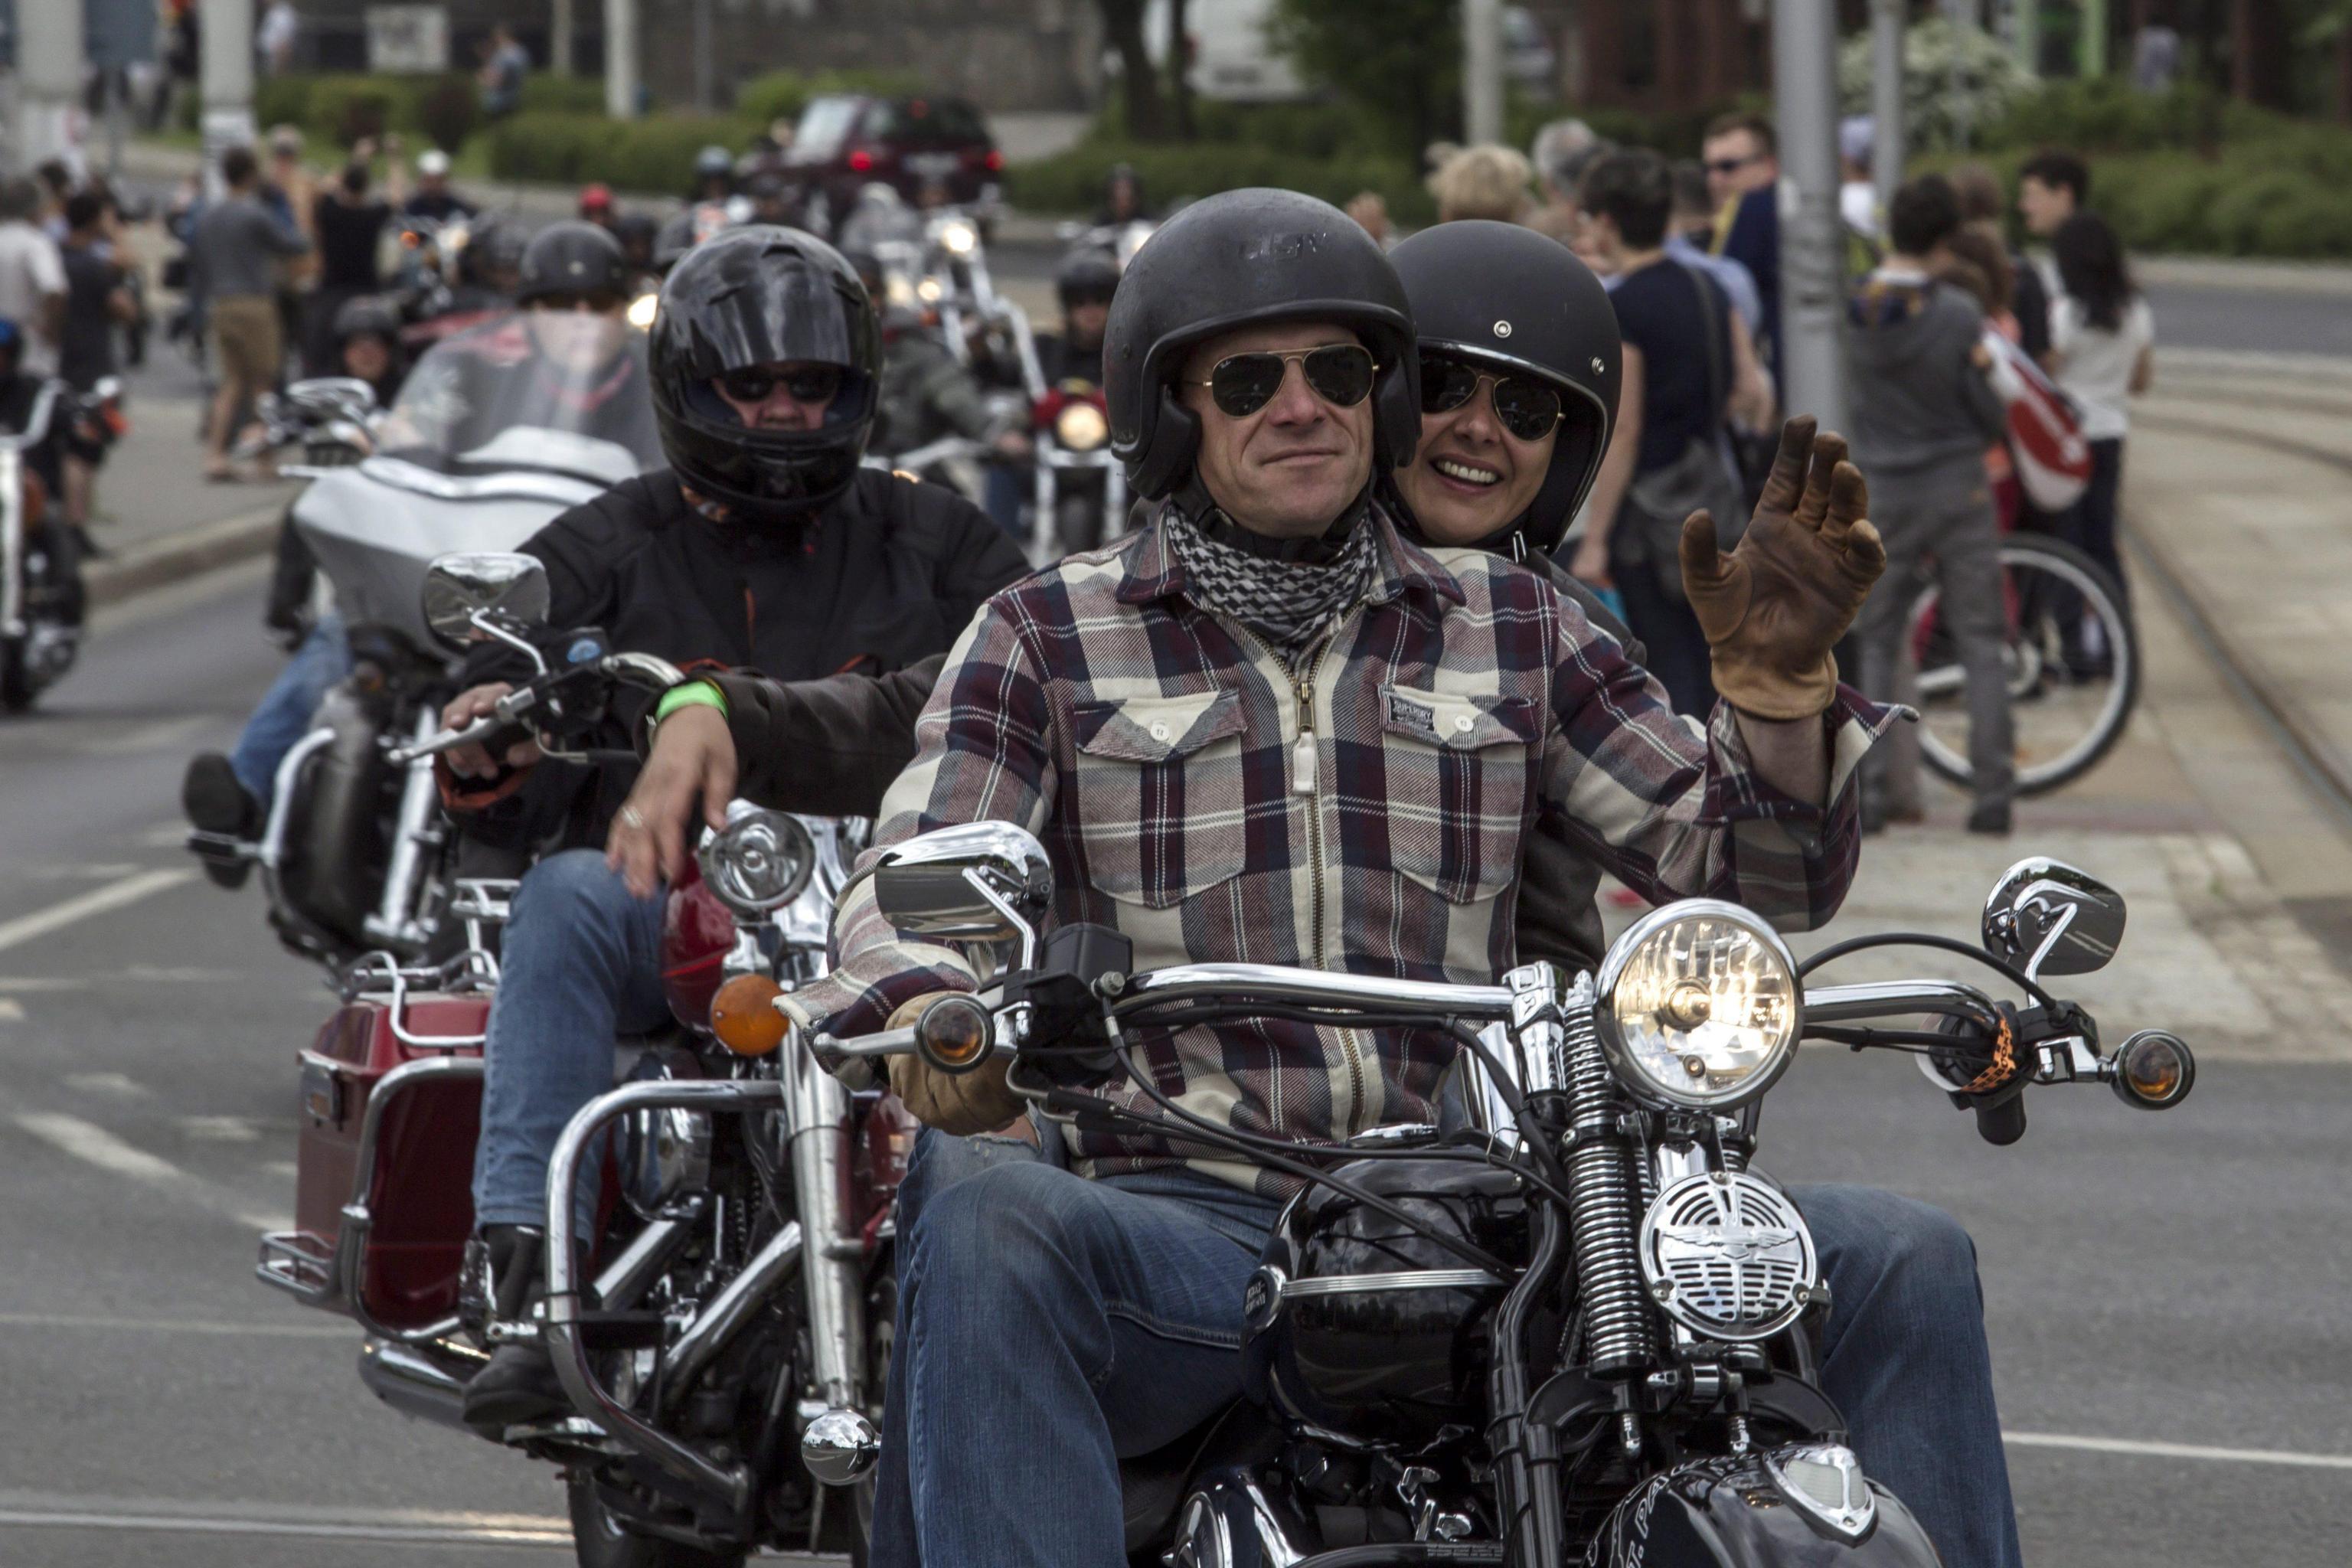 Motociclista dimentica la moglie in autostrada e se ne accorge dopo 40 chilometri